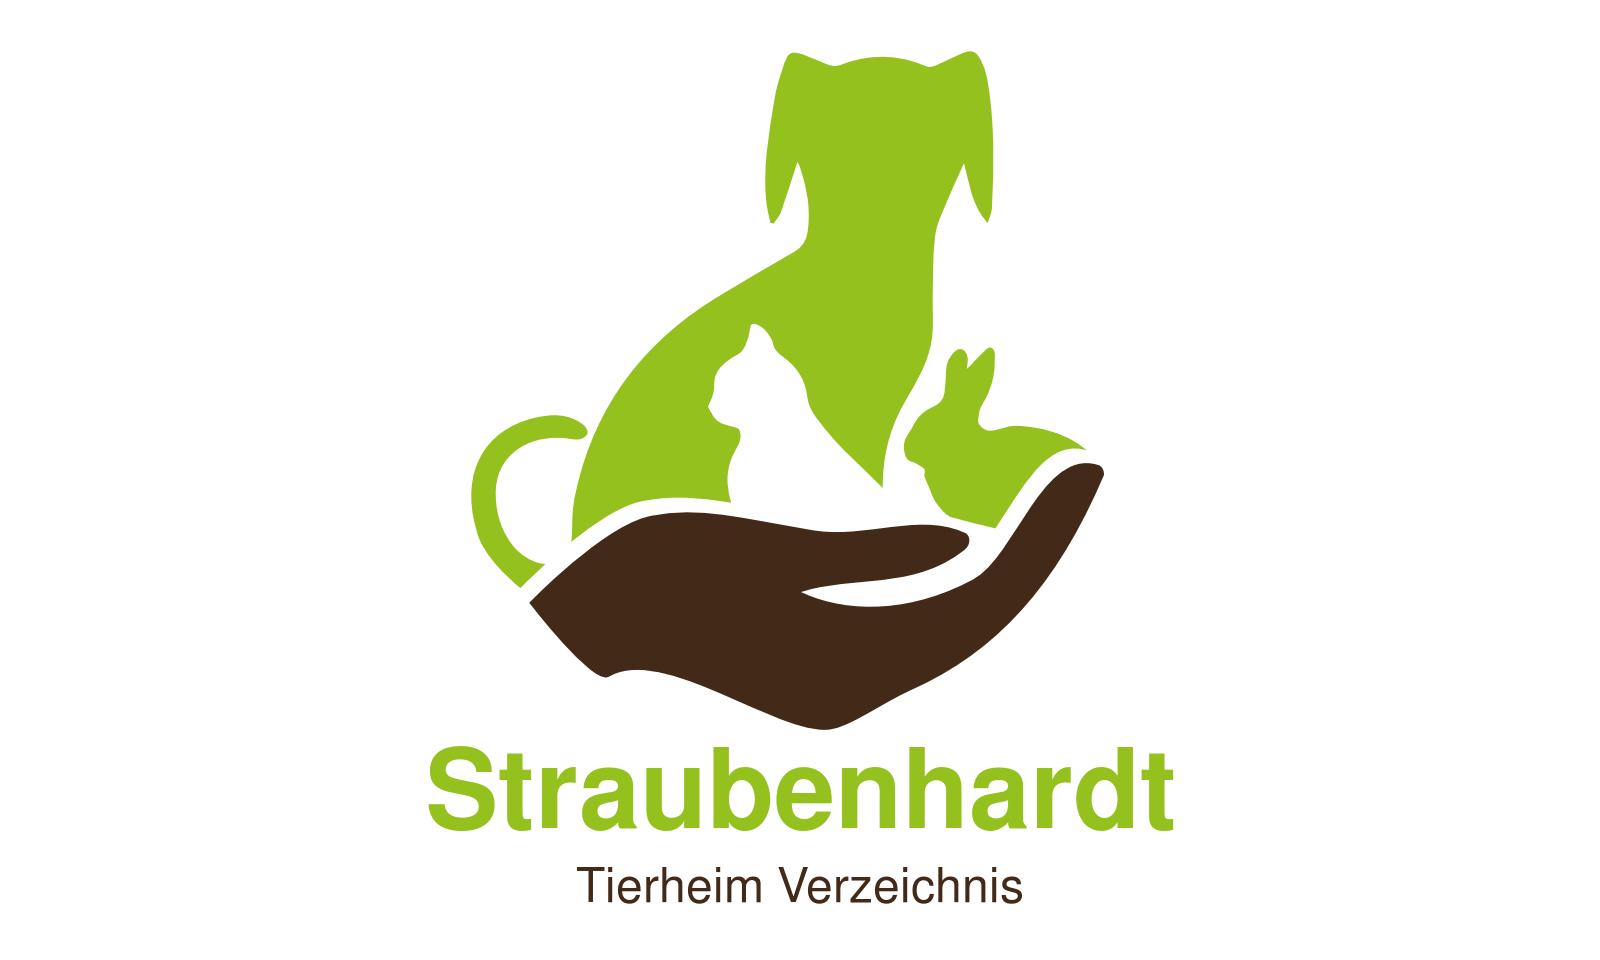 Tierheim Straubenhardt